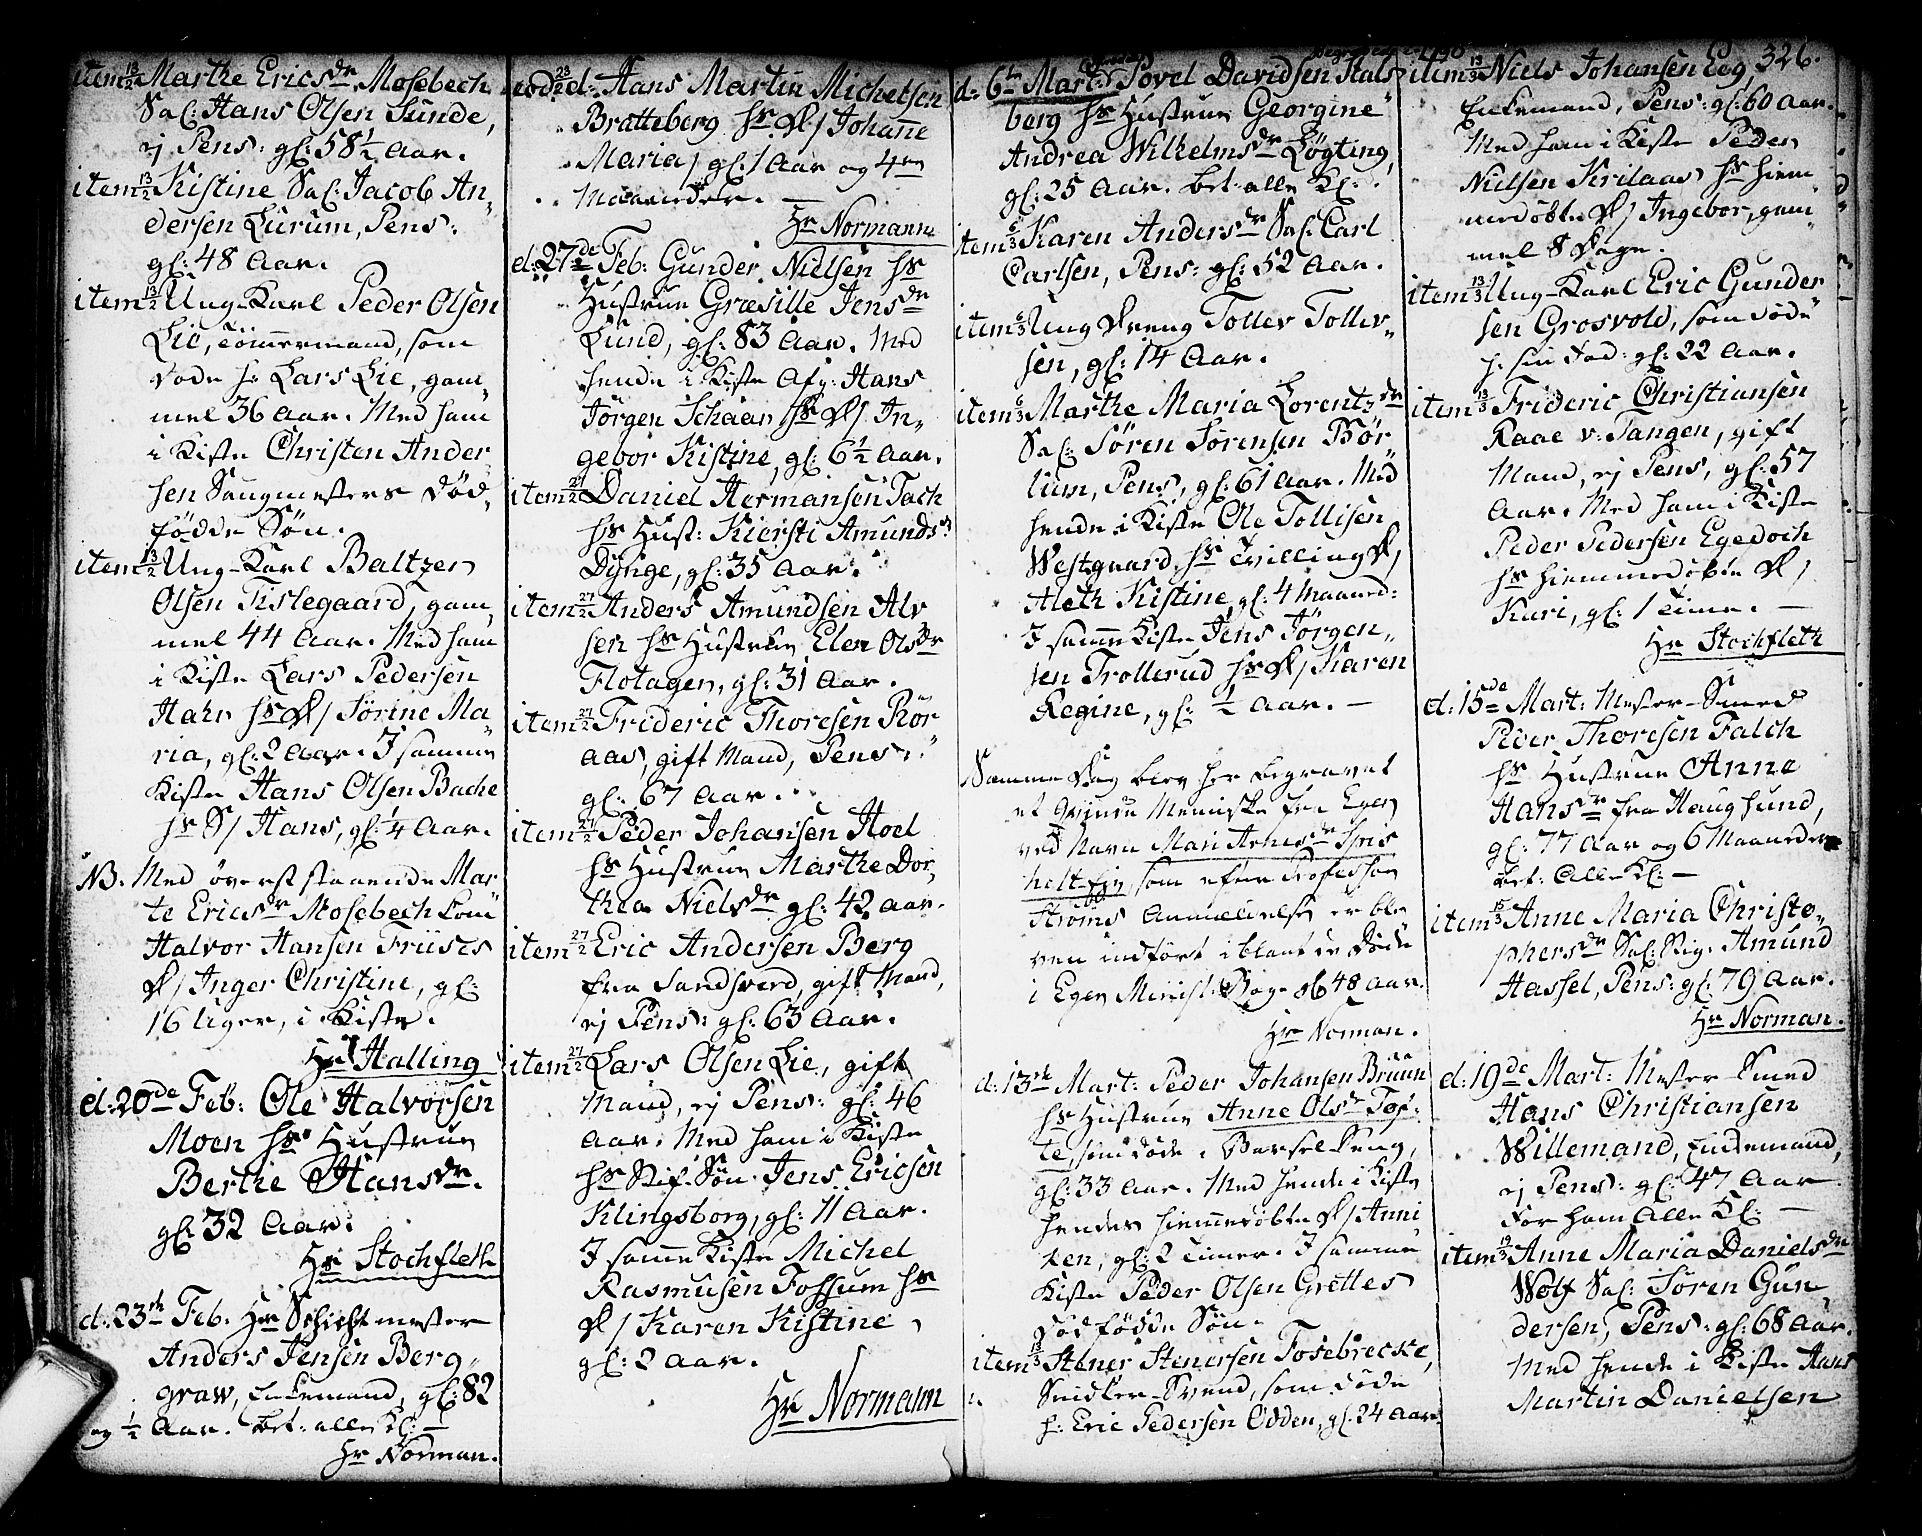 SAKO, Kongsberg kirkebøker, F/Fa/L0006: Ministerialbok nr. I 6, 1783-1797, s. 326